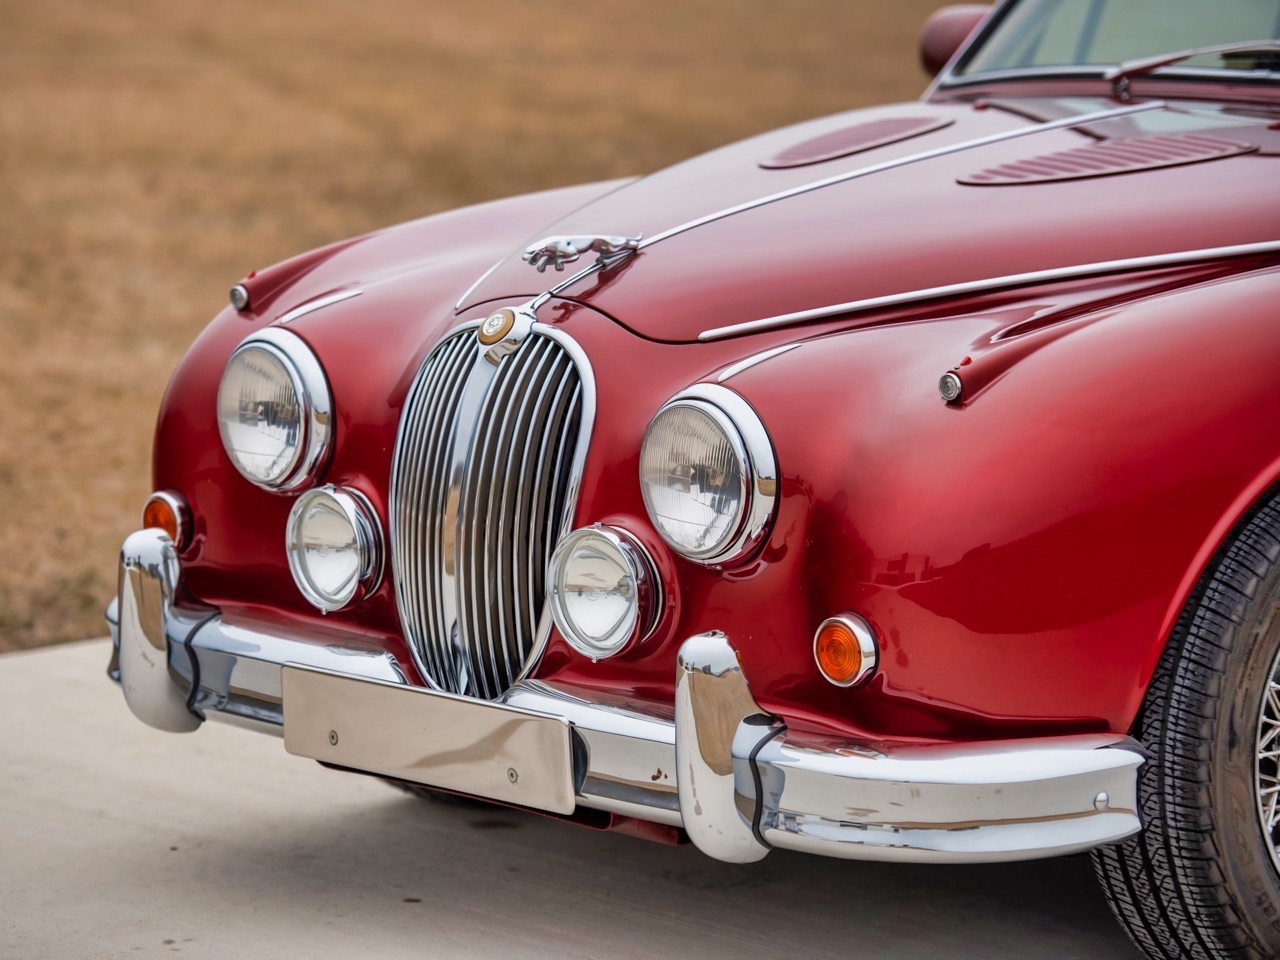 Restomod Jaguar Mk2 3.8... enfin, plutôt Beacham V8 Supercharged ! 14